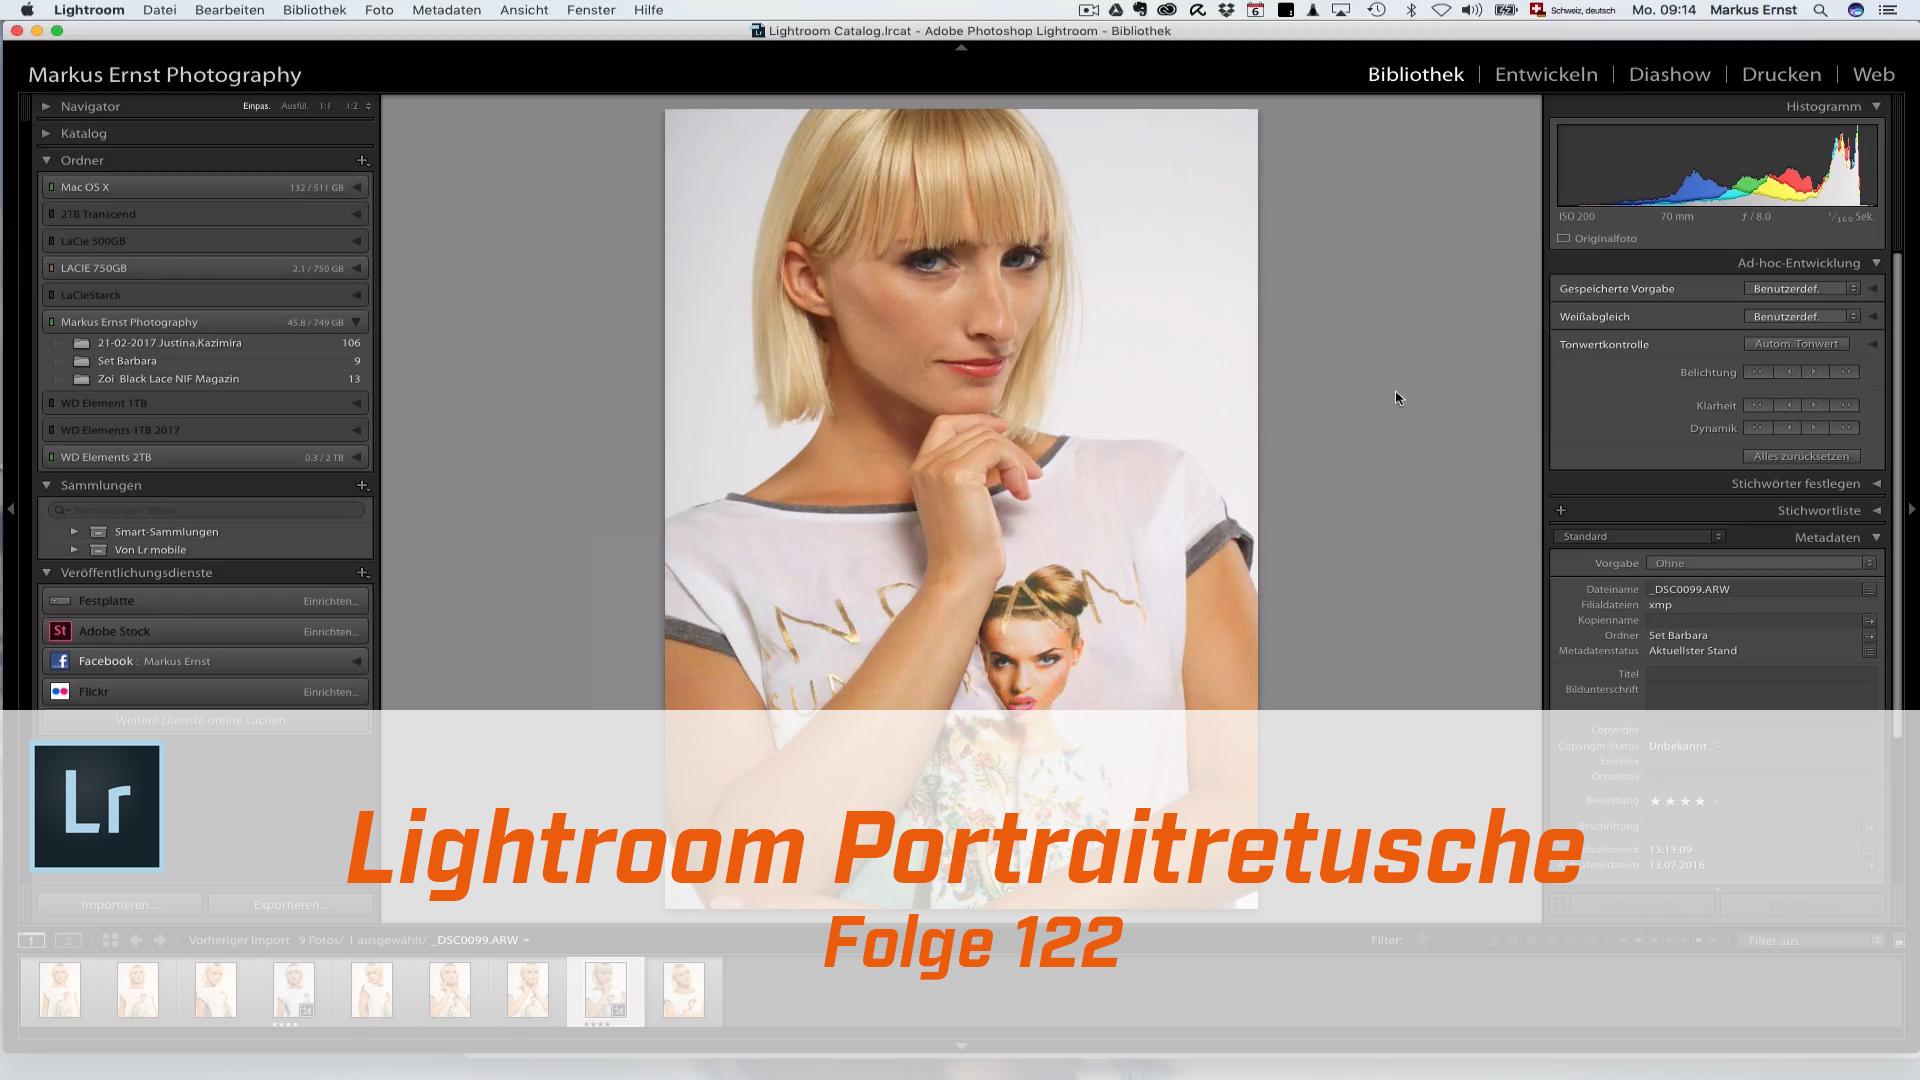 Lightroom Portraitretusche Workflow